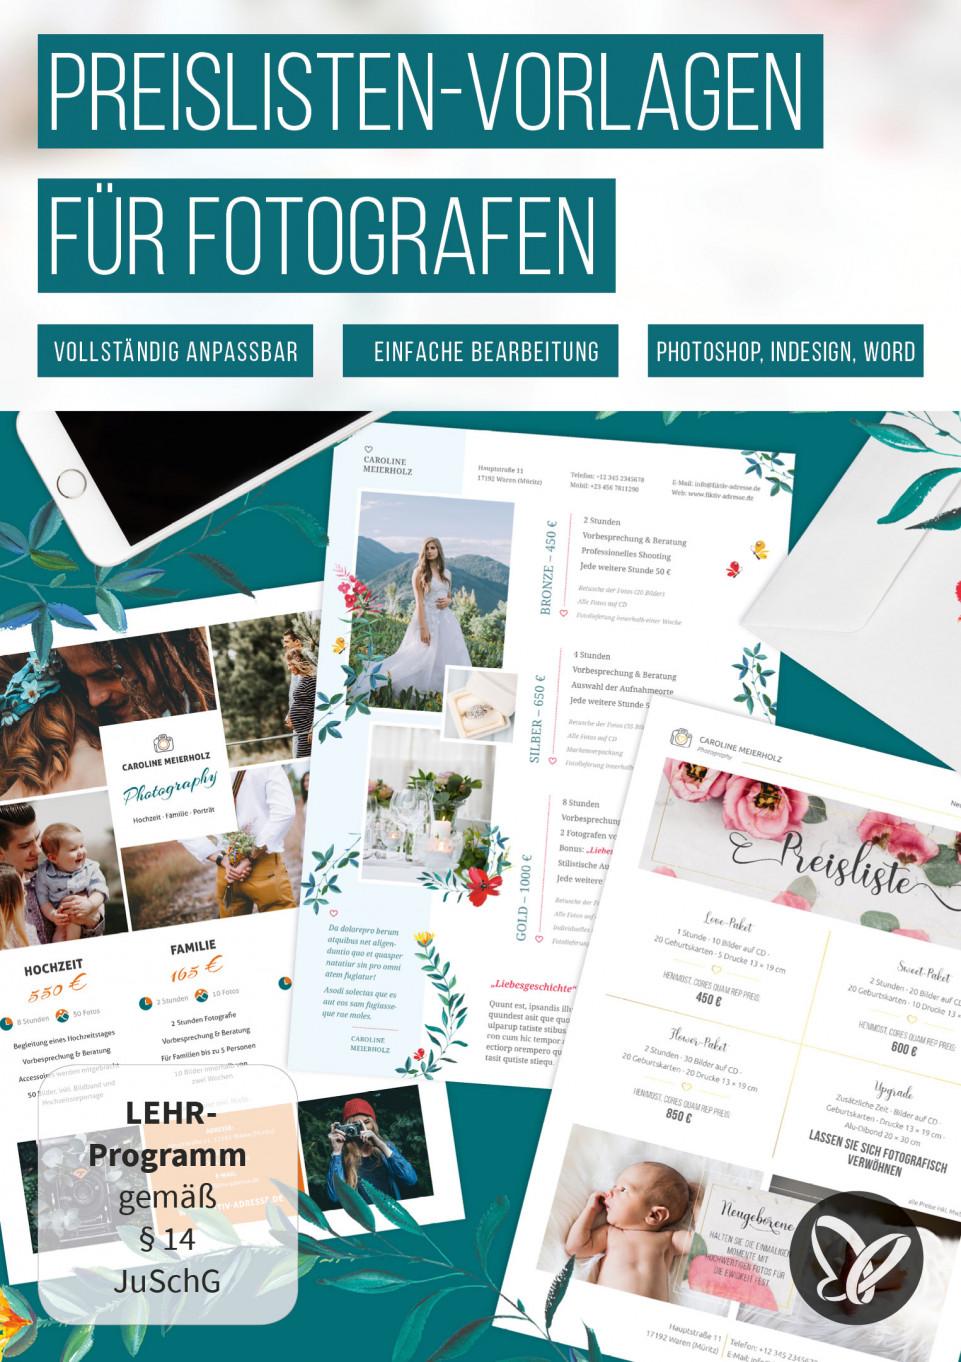 Preislisten-Vorlagen für Fotografen – Photoshop, InDesign, Word, Affinity Publisher